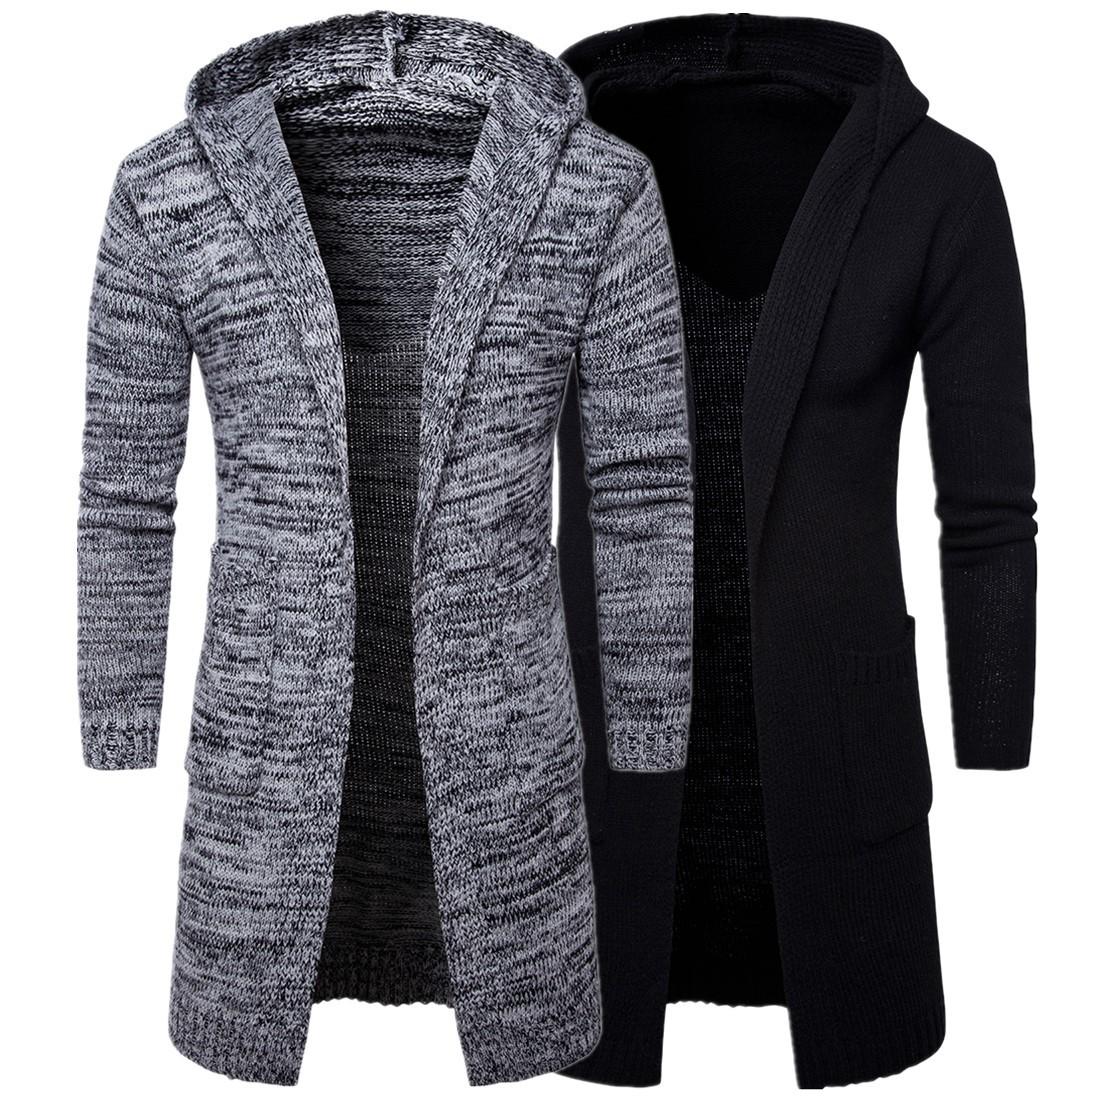 跨境電商新款男士連帽加厚開衫毛衣外套潮流歐美潮針織衫毛衣Y913